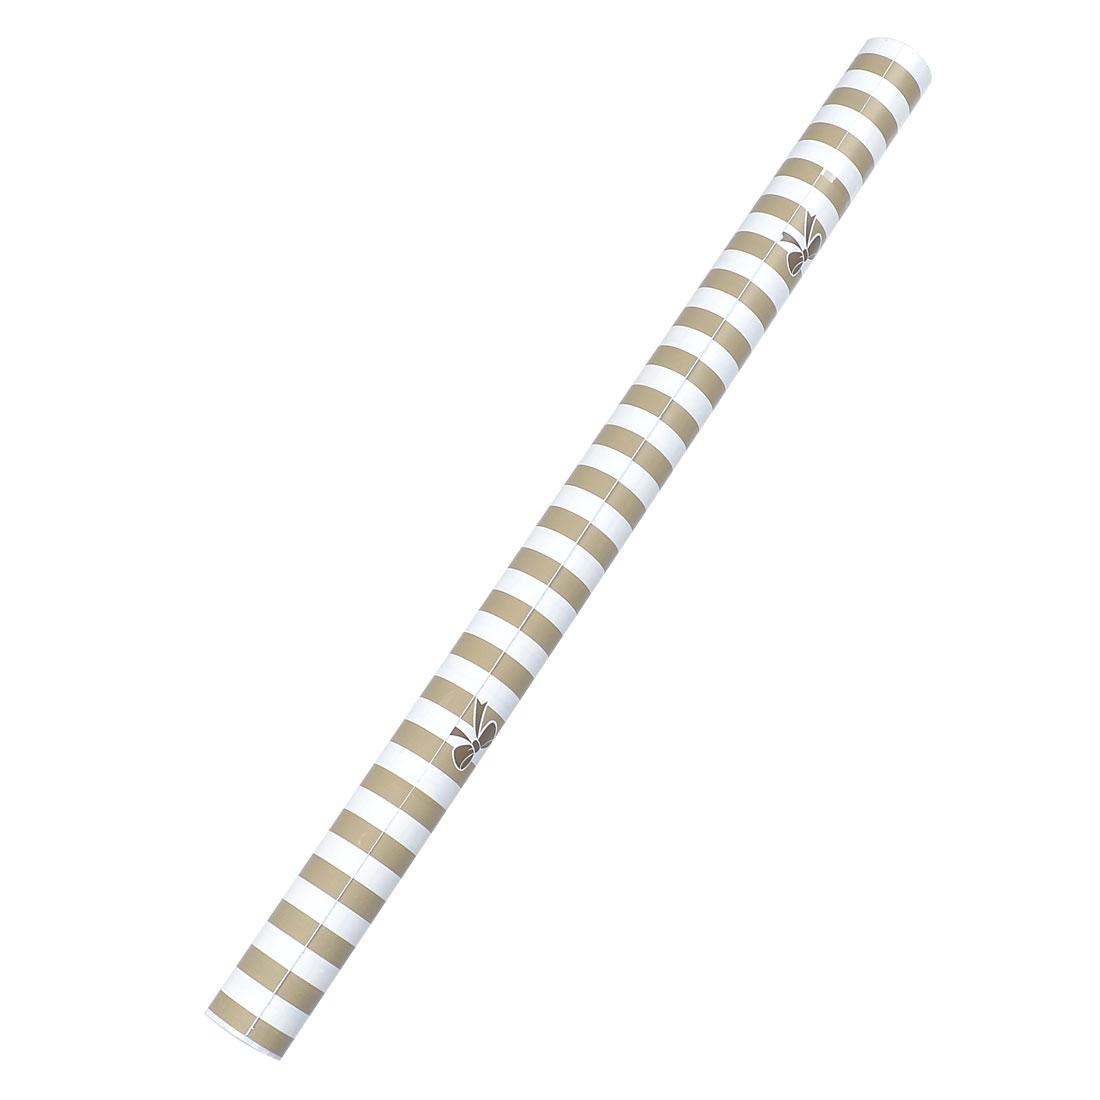 Dark Khaki Stripe Bowknot Pattern Adhesive Wallpaper Roll 45cm x 2m